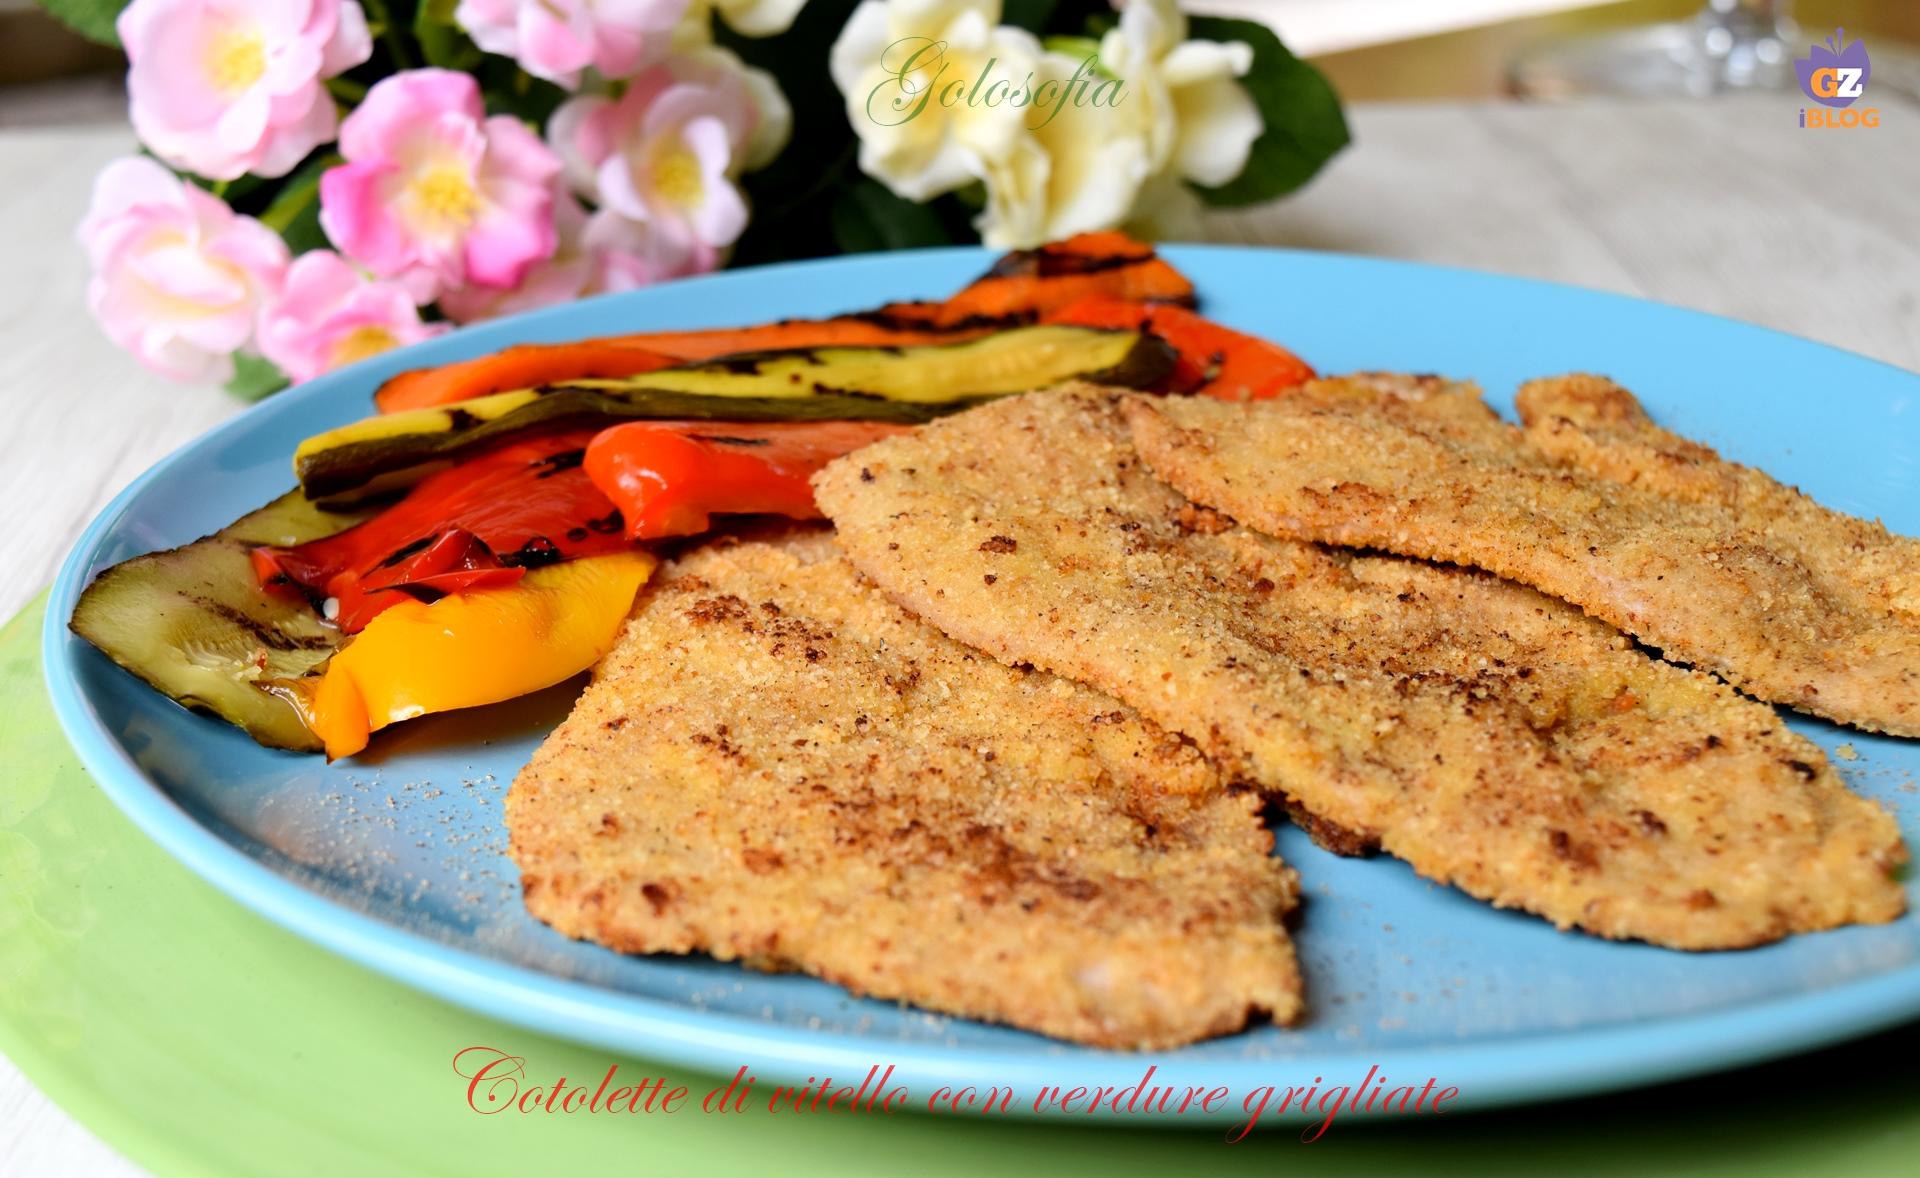 Cotolette di vitello con verdure grigliate-ricetta secondi-golosofia